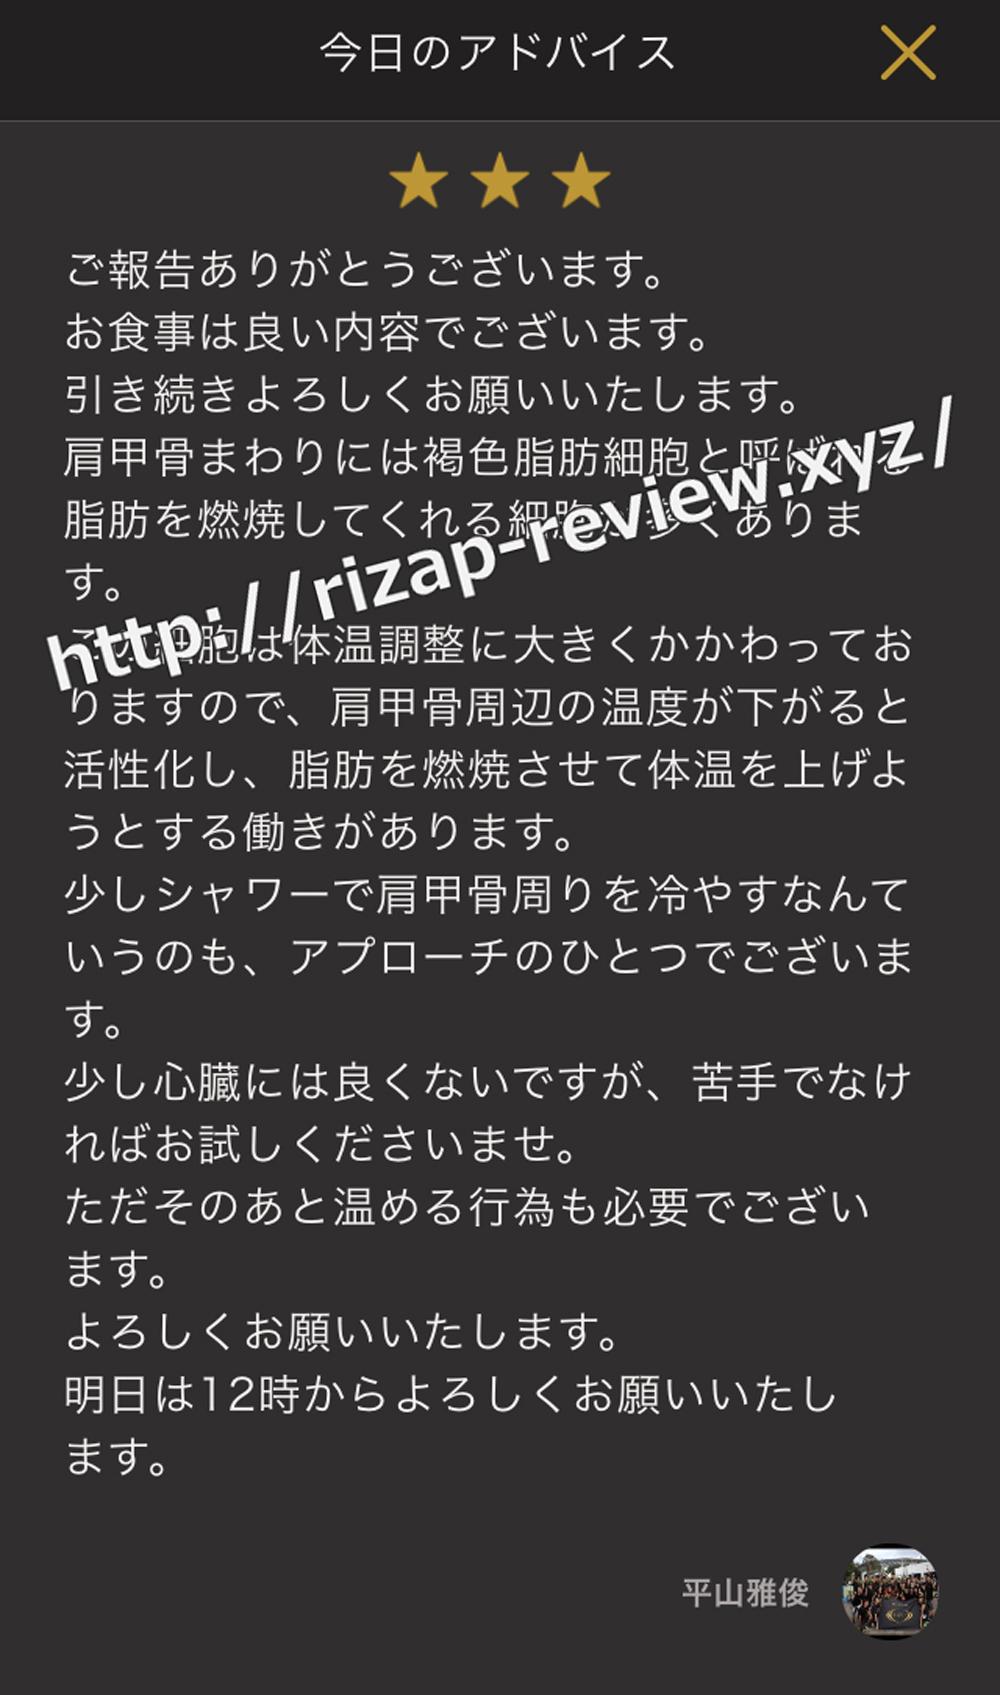 2018.1.30(水)ライザップ担当トレーナーからの総評・コメント